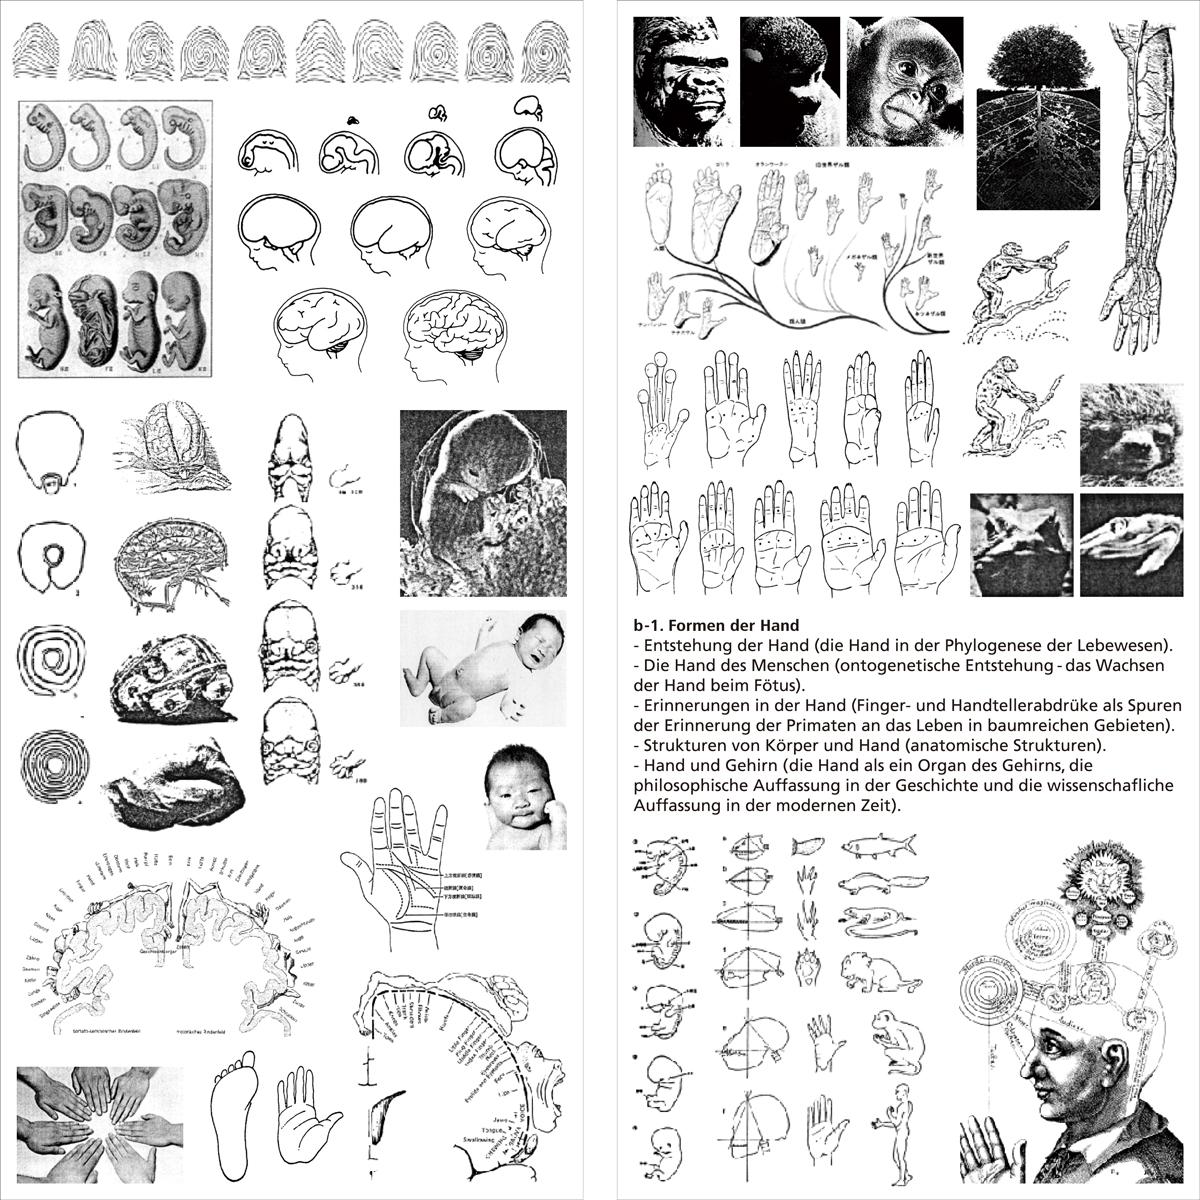 [向井 周太郎] 『向井周太郎 世界プロセスとしての身振り』展 展示作品